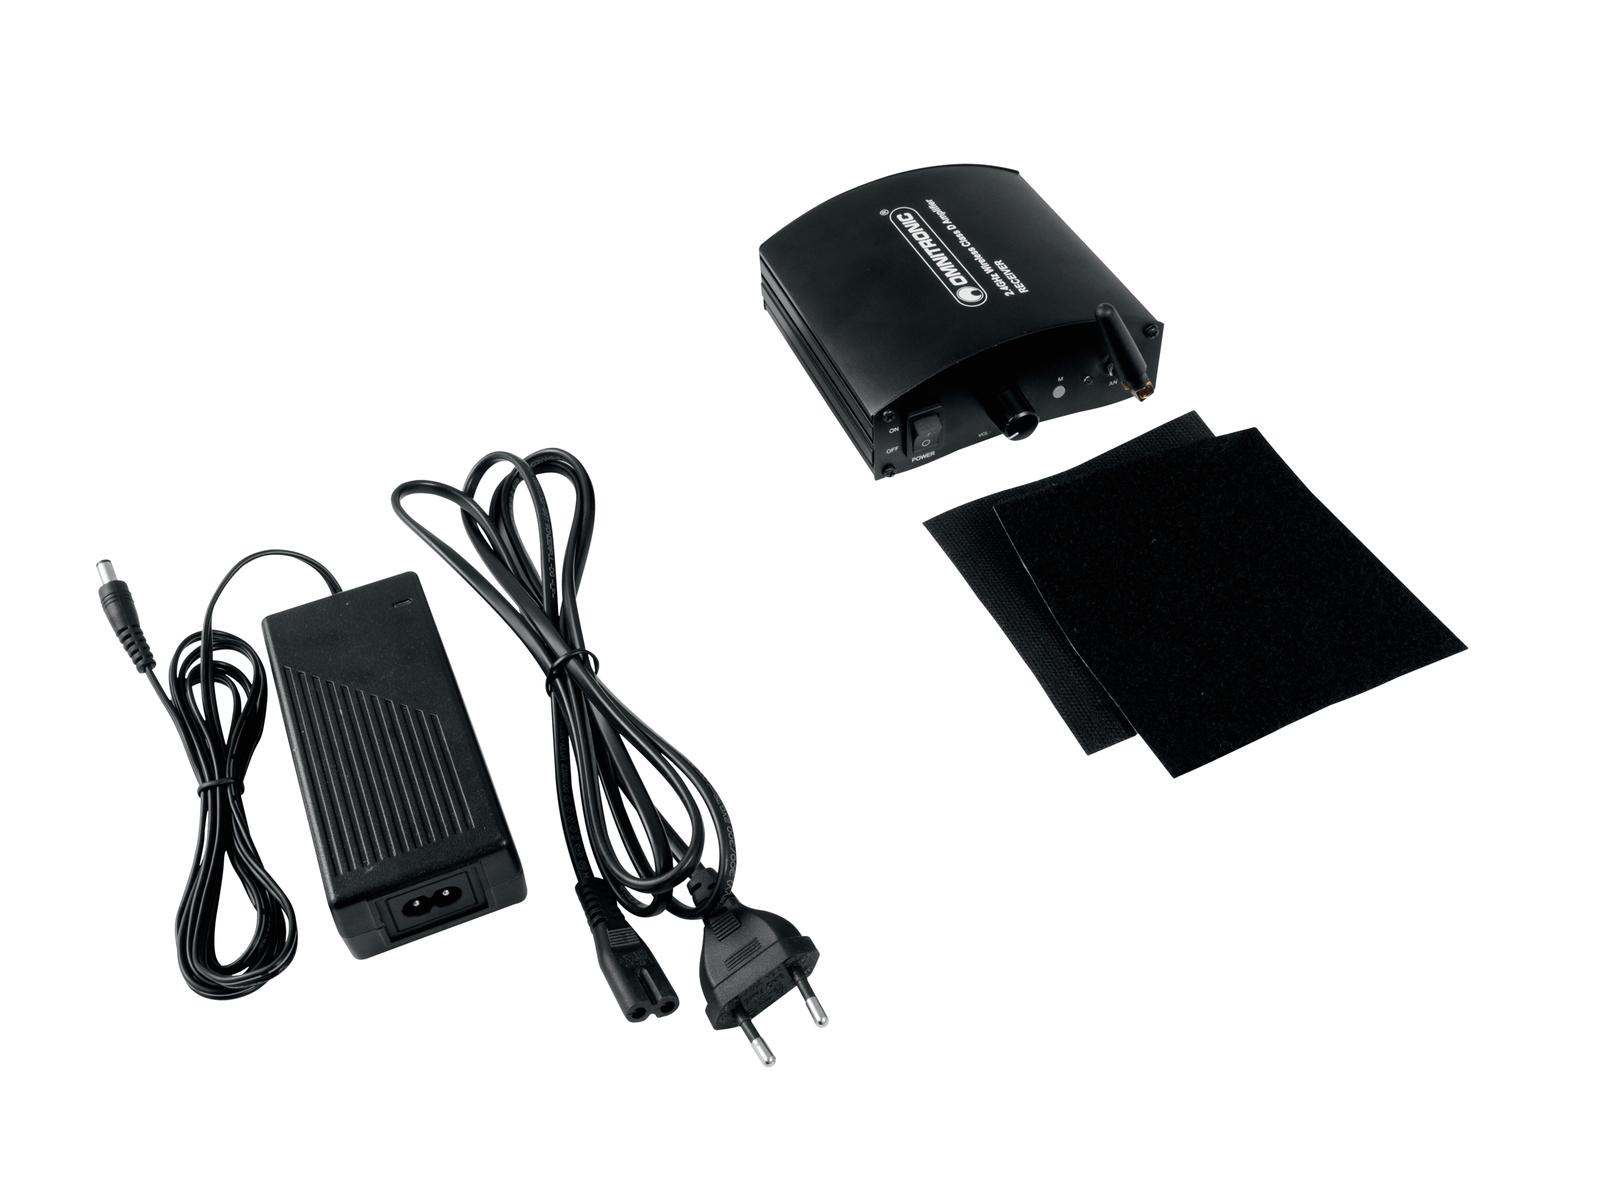 OMNITRONIC WS-1 2.4GHz Sender + 2x Empfänger, aktiv